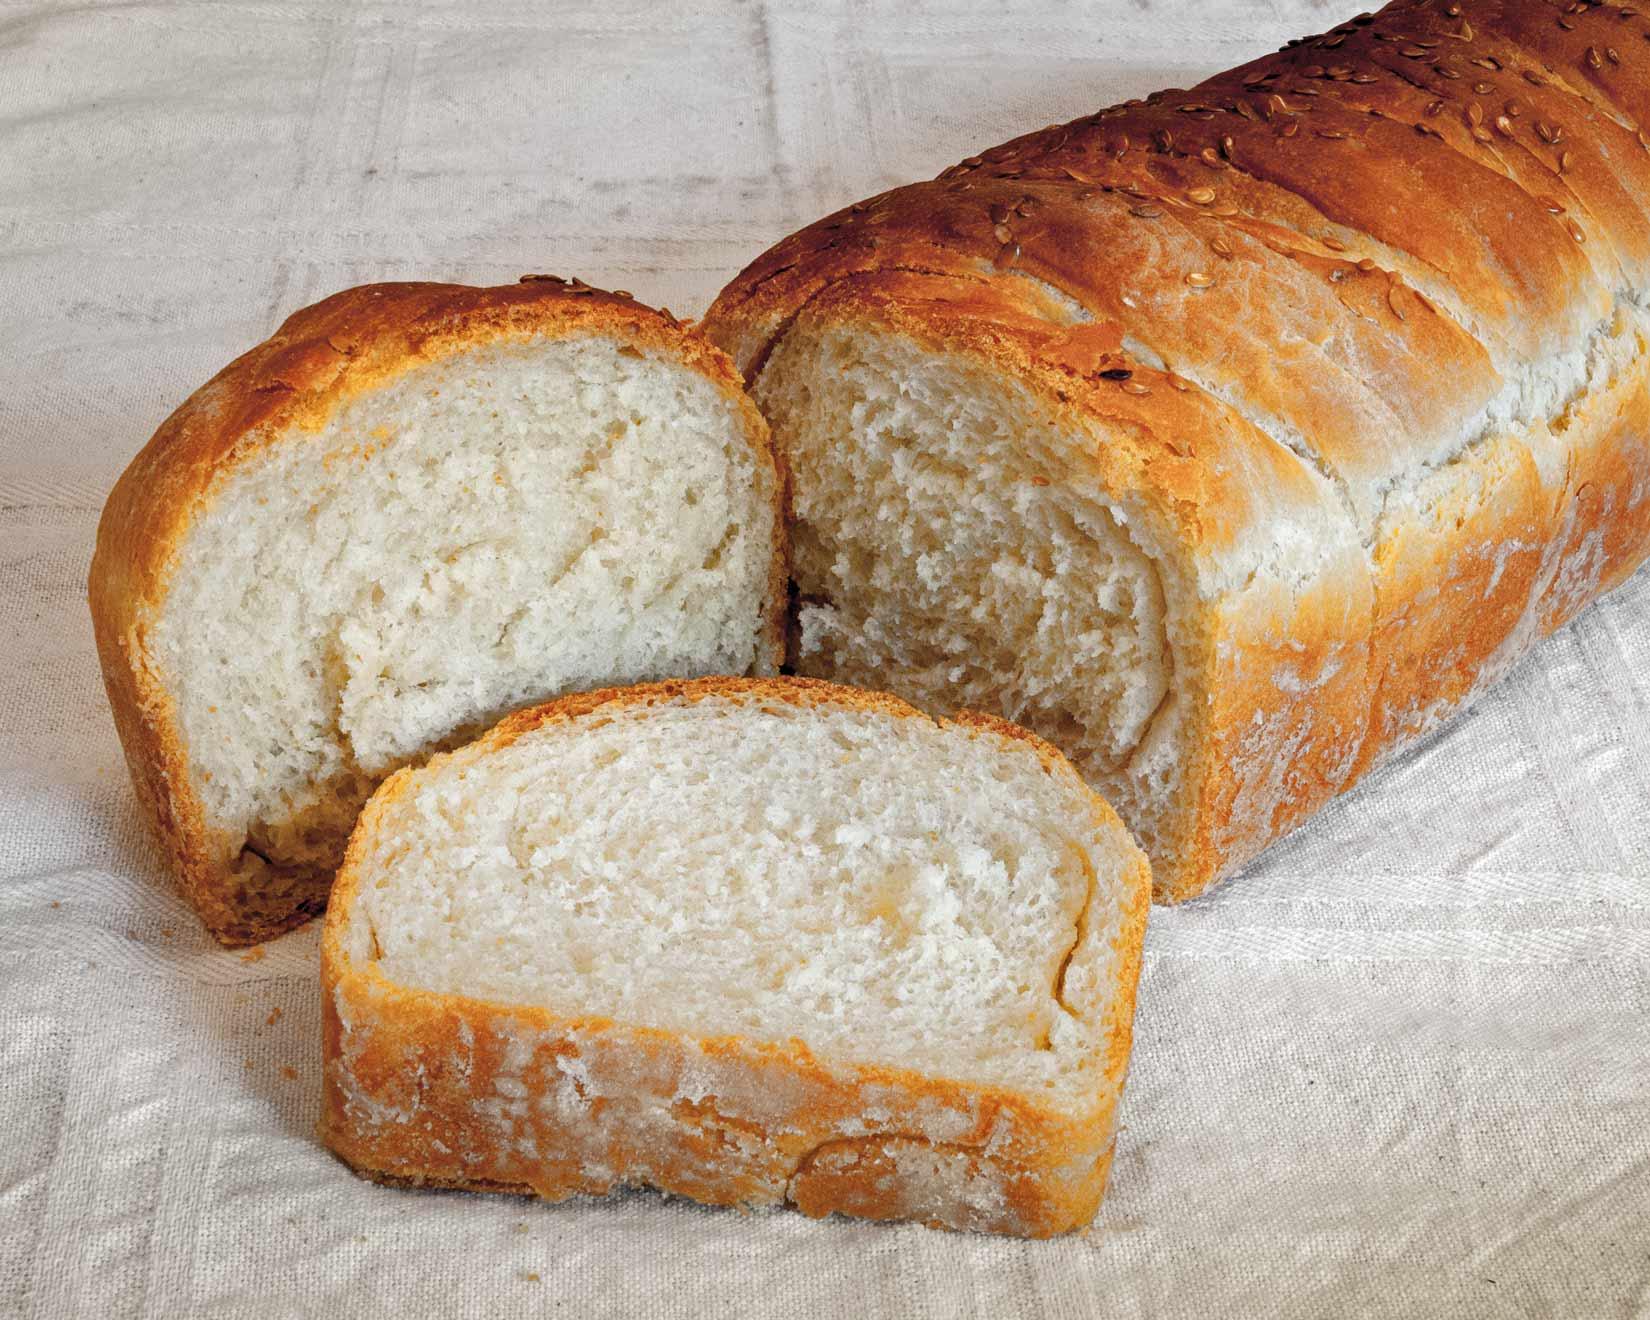 Díky olivovému oleji je váš domácí chléb vláčný a nadýchaný